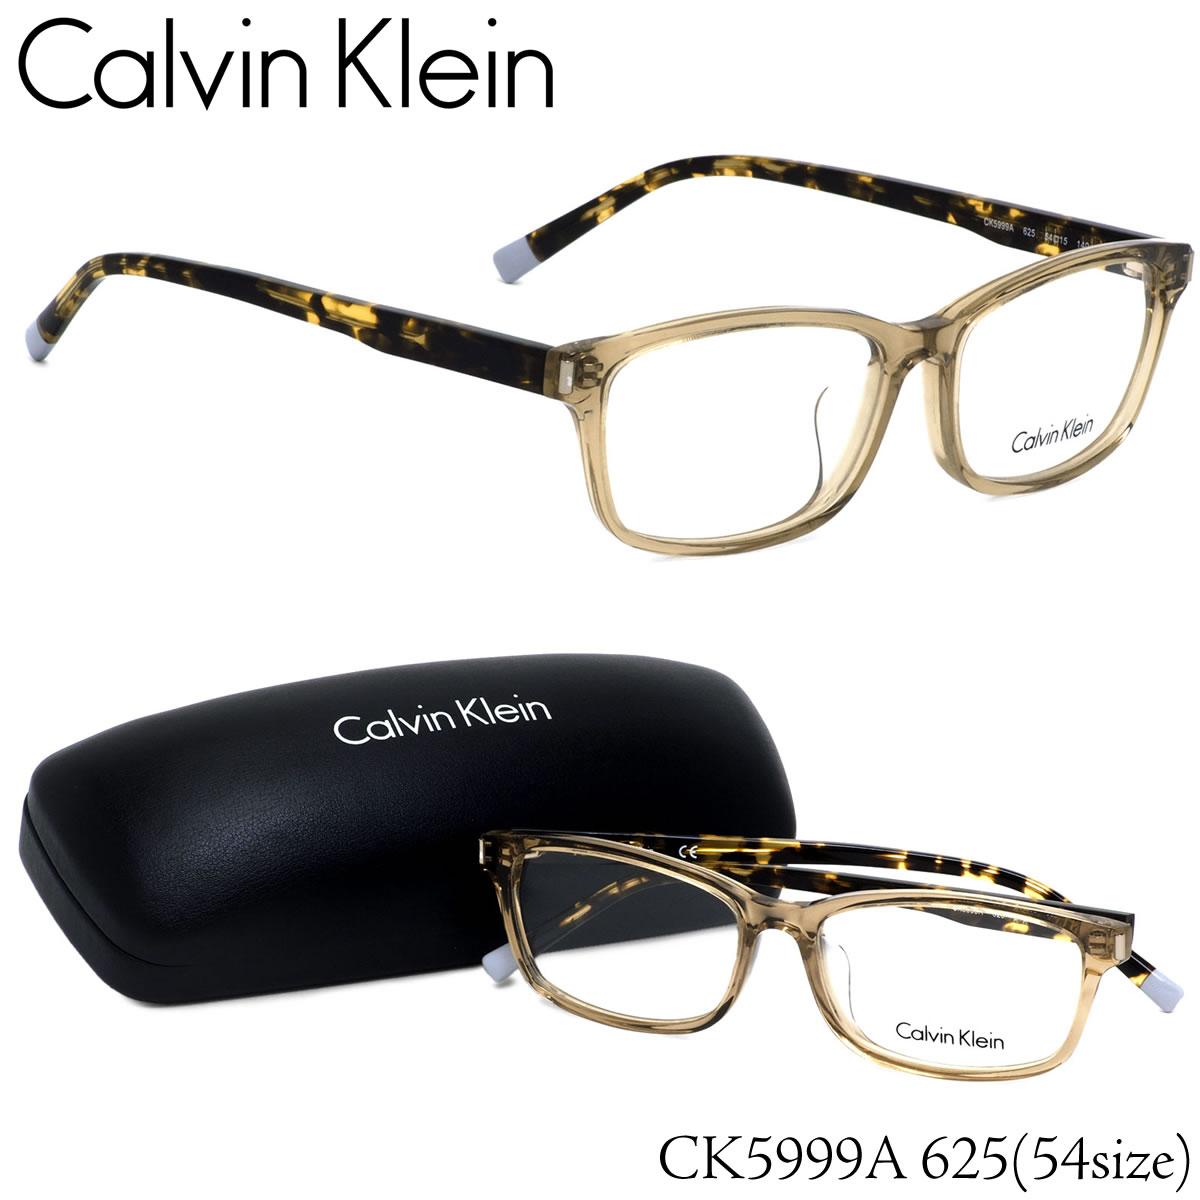 ほぼ全品ポイント15倍~最大43倍+3倍!お得なクーポンも! カルバンクライン Calvin Klein メガネCK5999A 625 54サイズck ウエリントン クリアカラー デミカルバンクライン CalvinKlein メンズ レディース